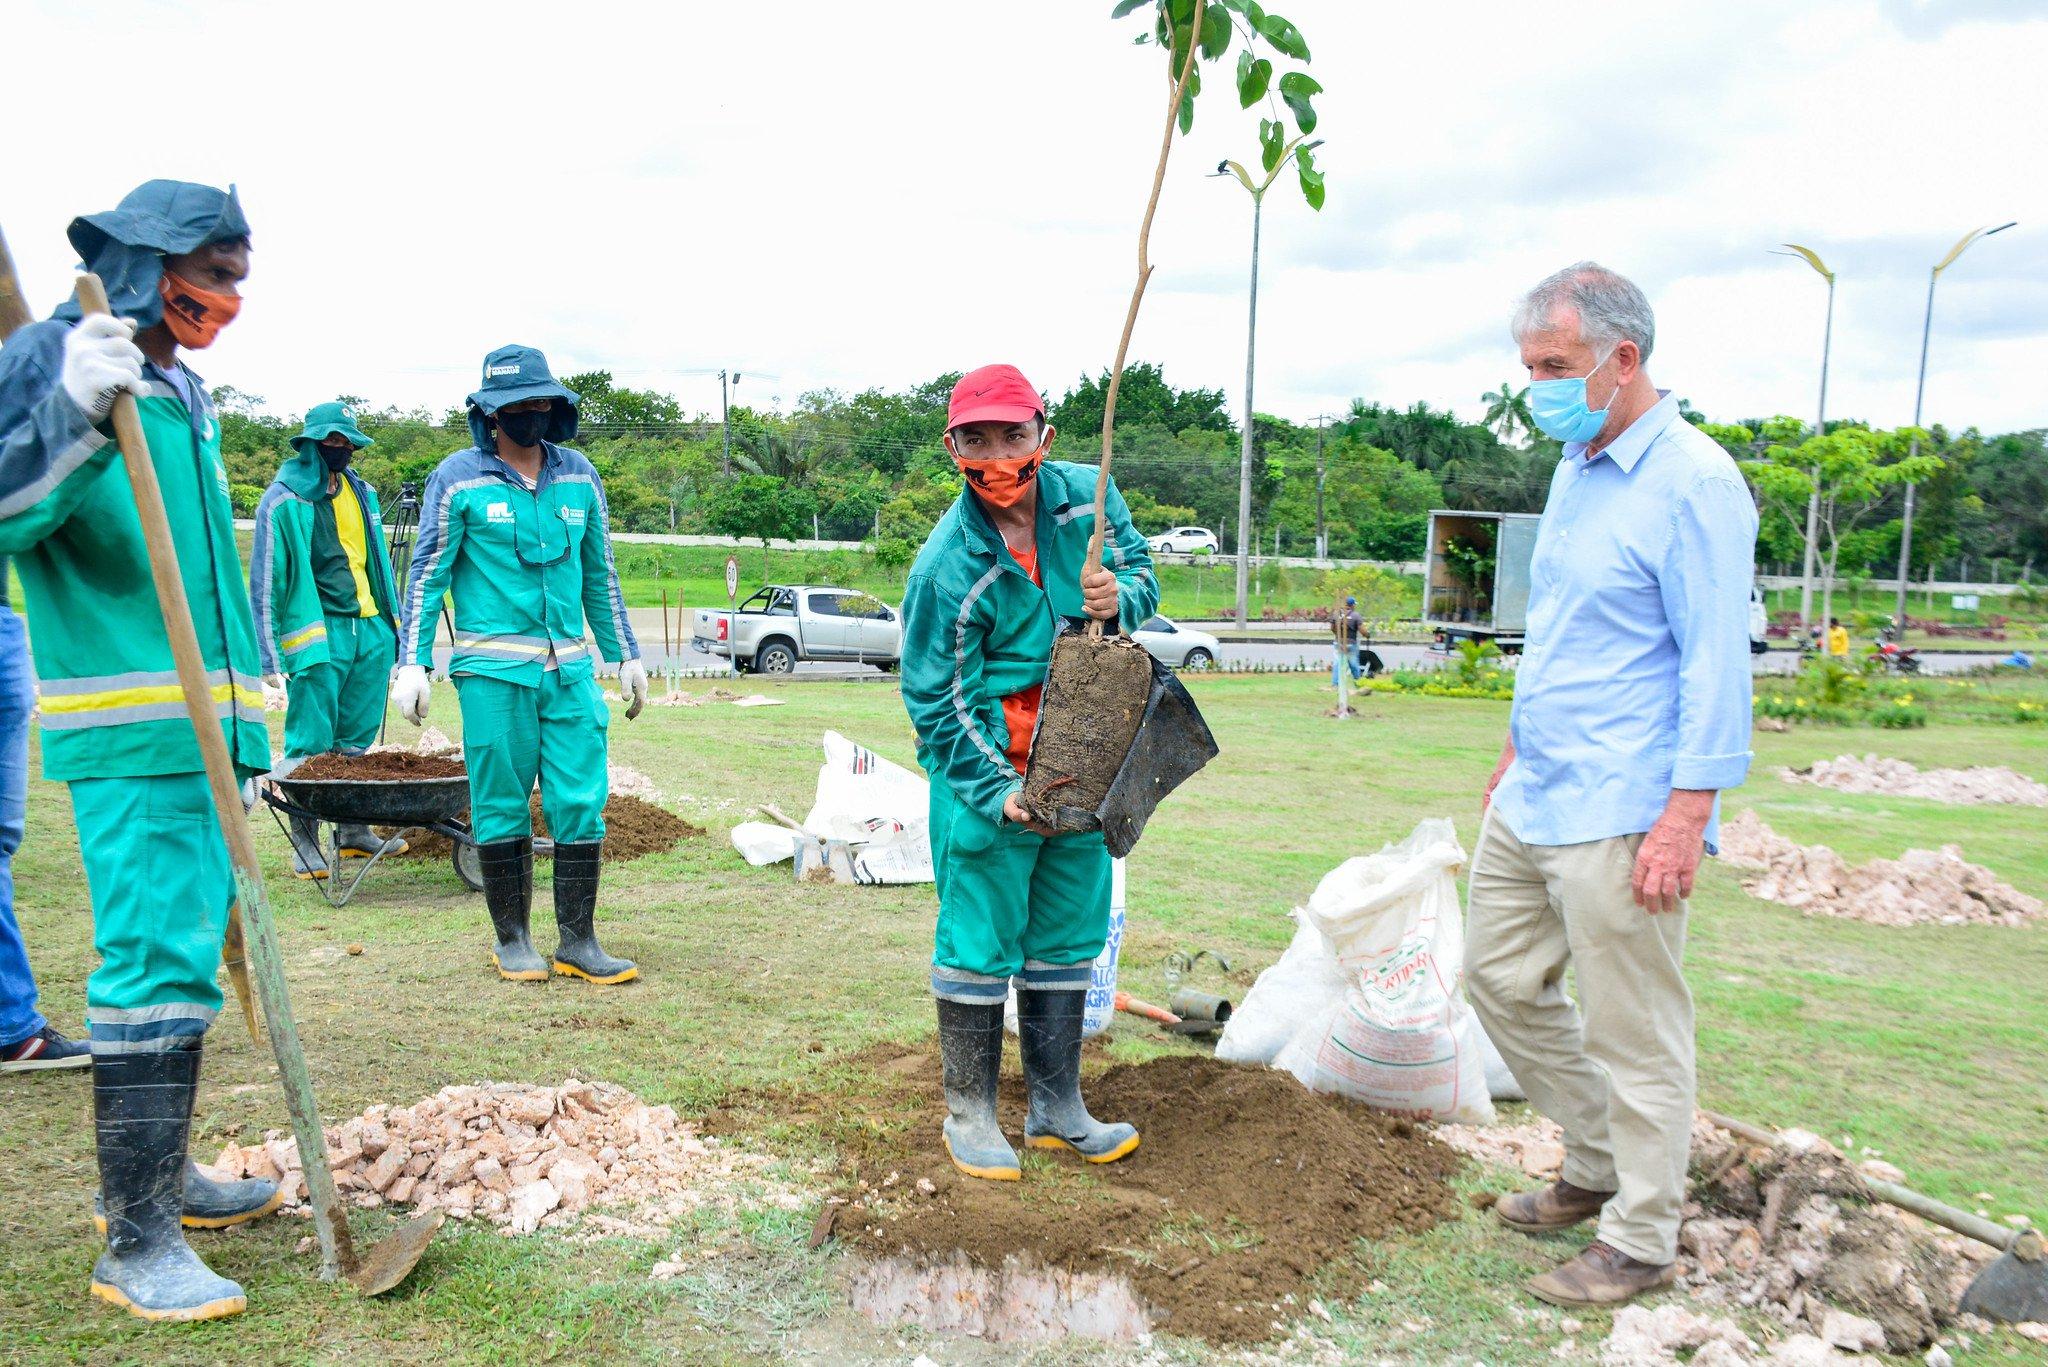 Com 'Manaus Verde', Prefeitura de Manaus pretende plantar dez mil mudas de árvores em 2021